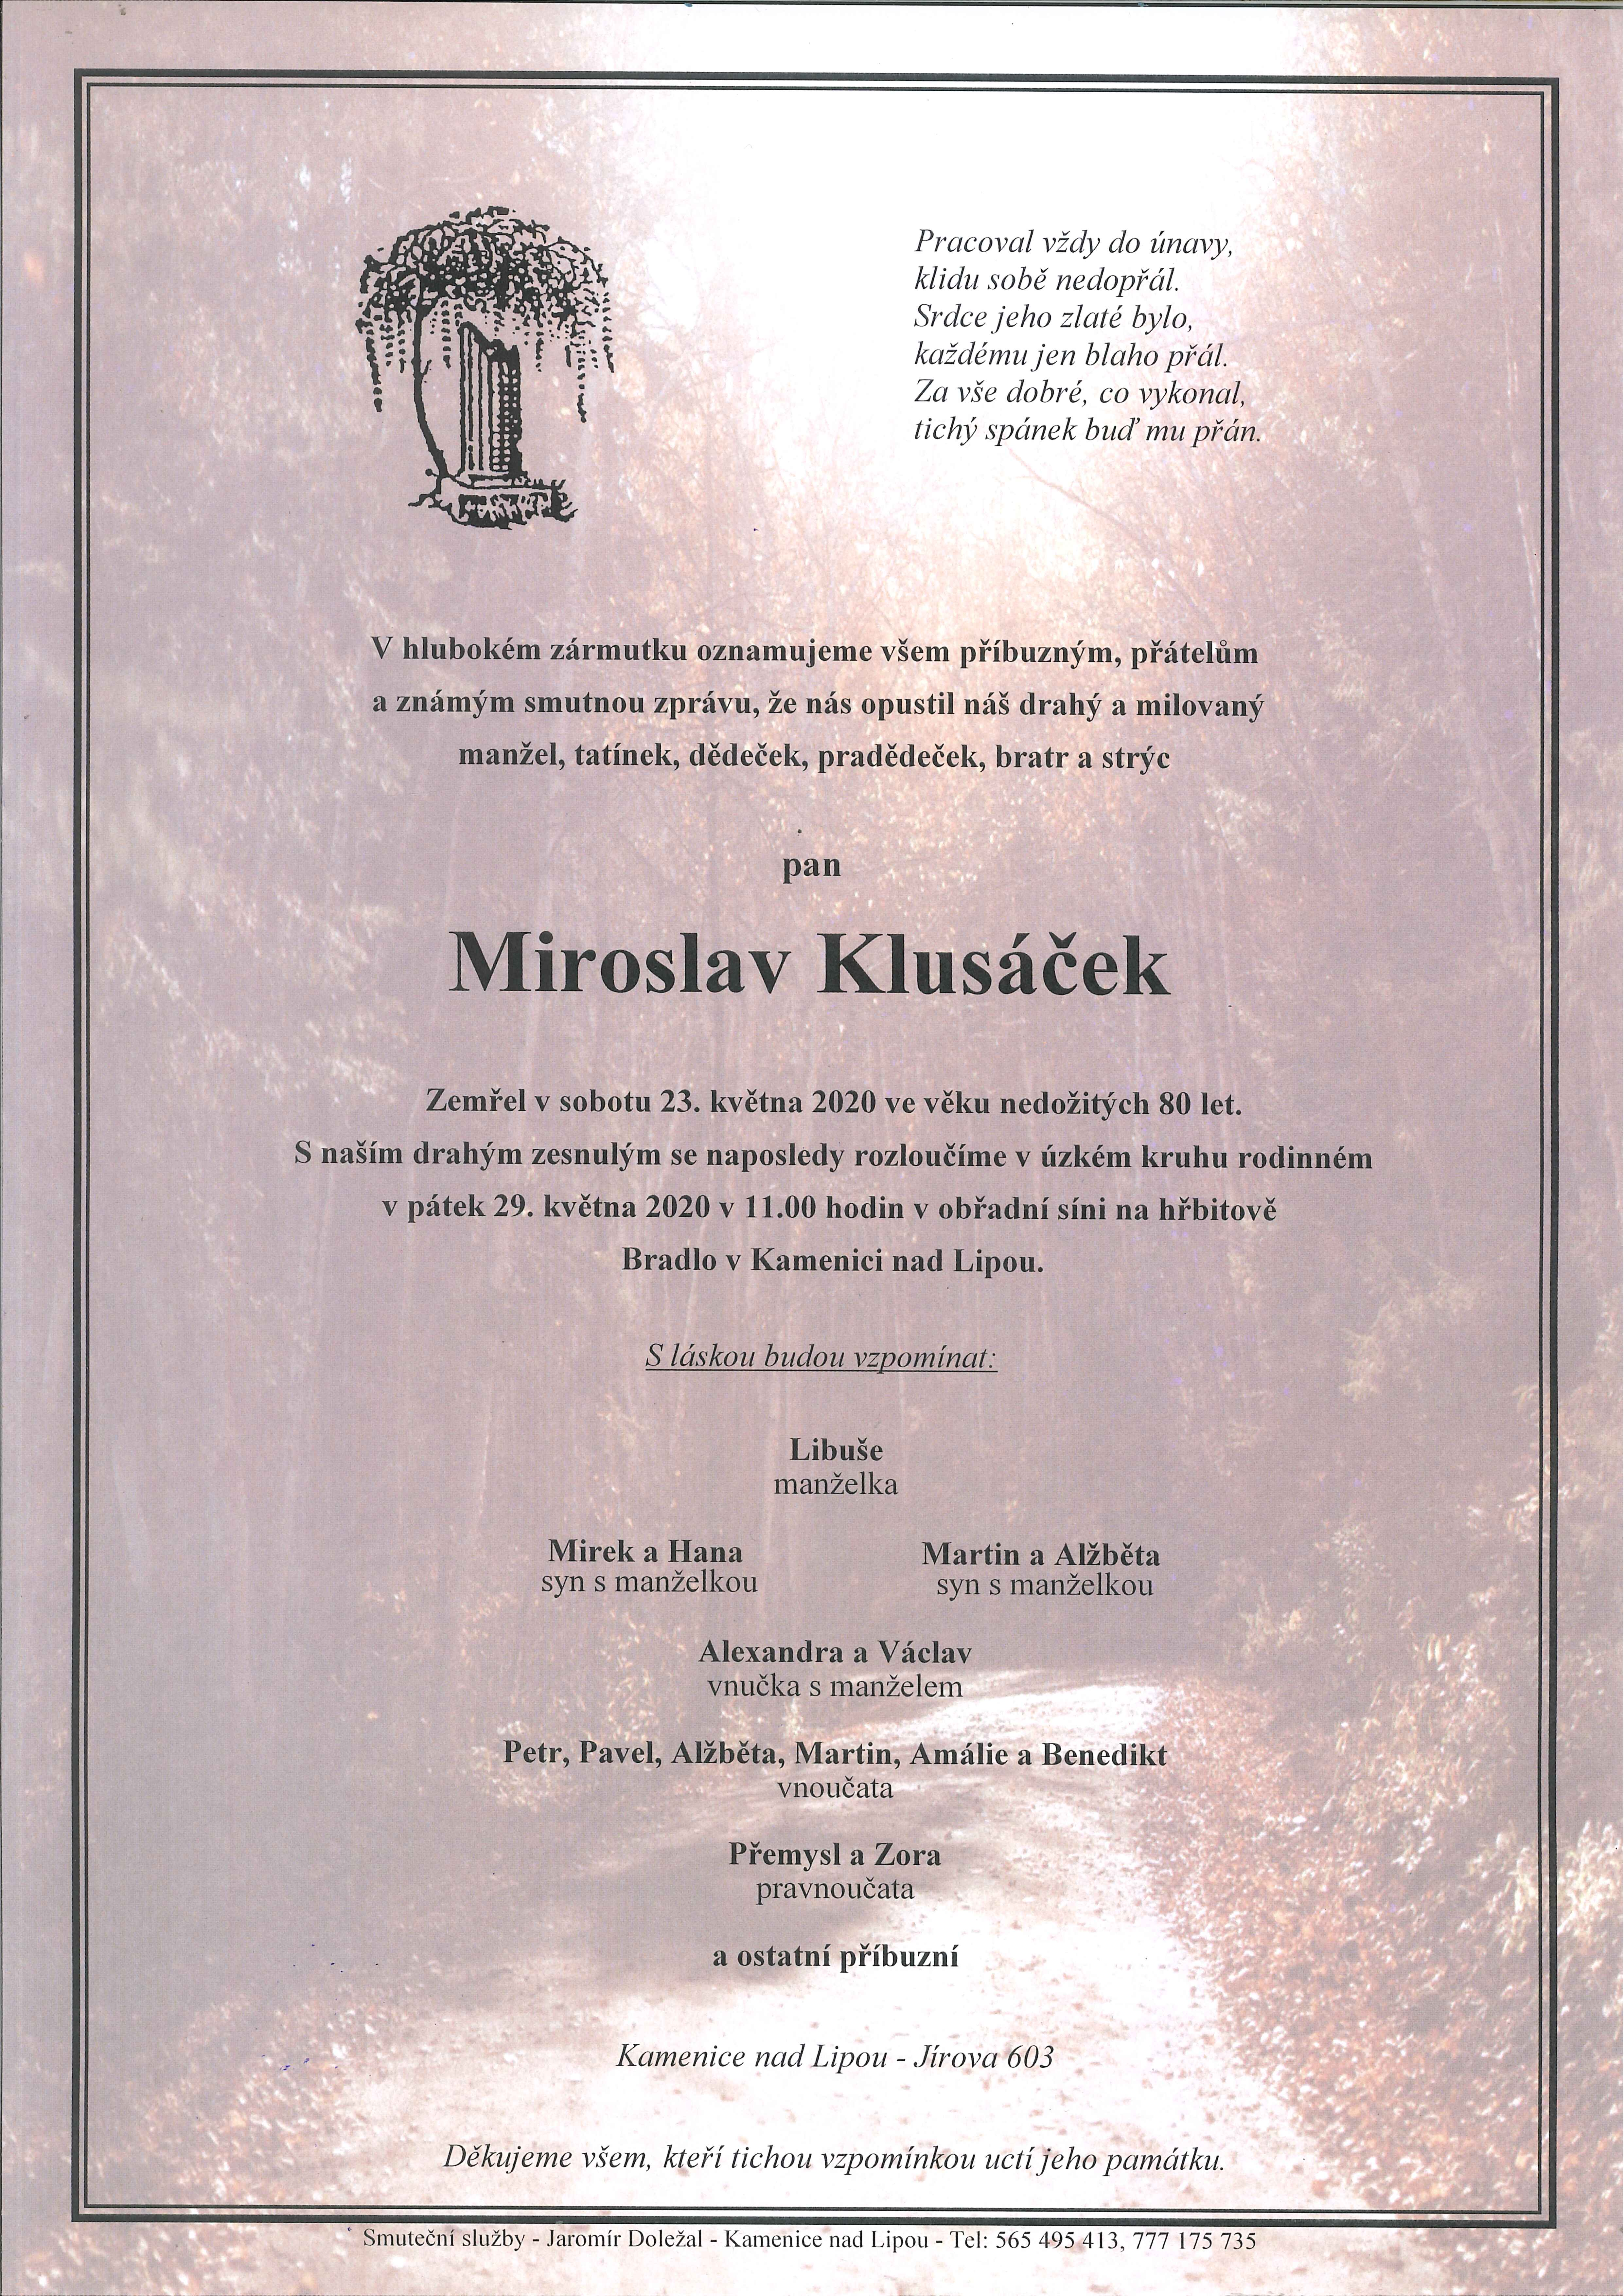 Miroslav Klusáček